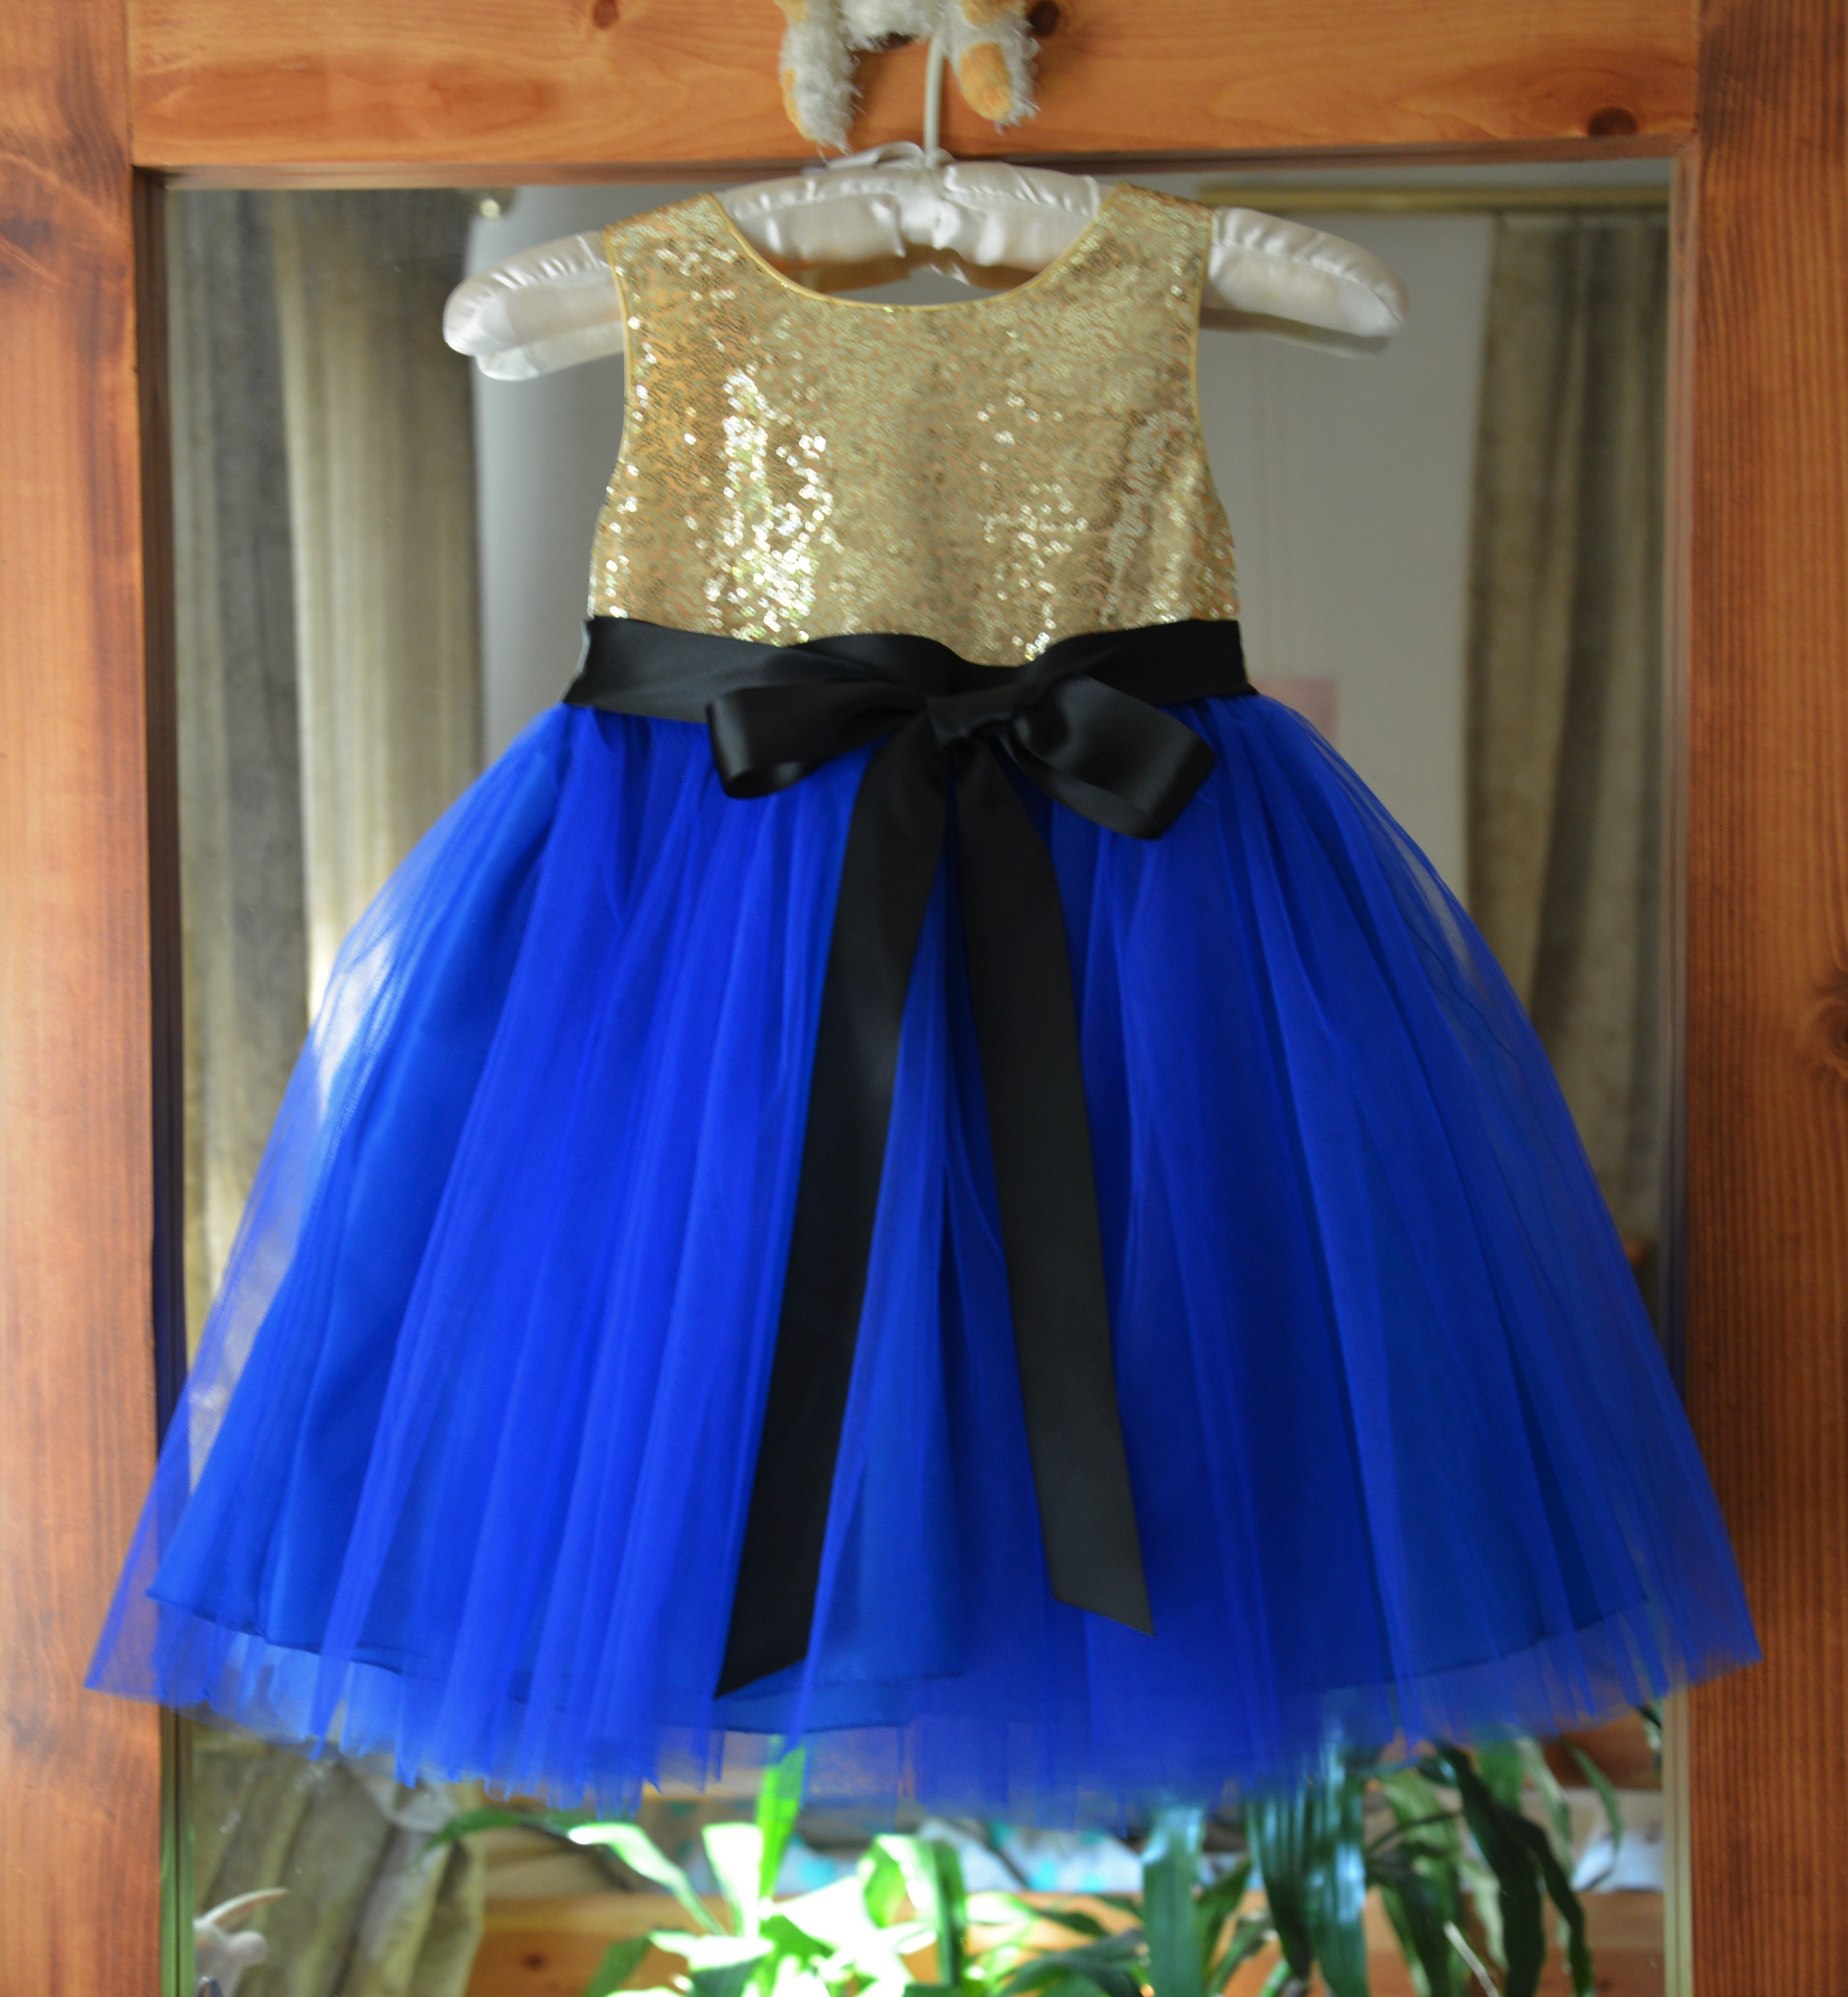 8b84336f945 Gold Royal Blue Black Glitter Sequin Tulle Flower Girl Dress Recital  Ceremony 123S